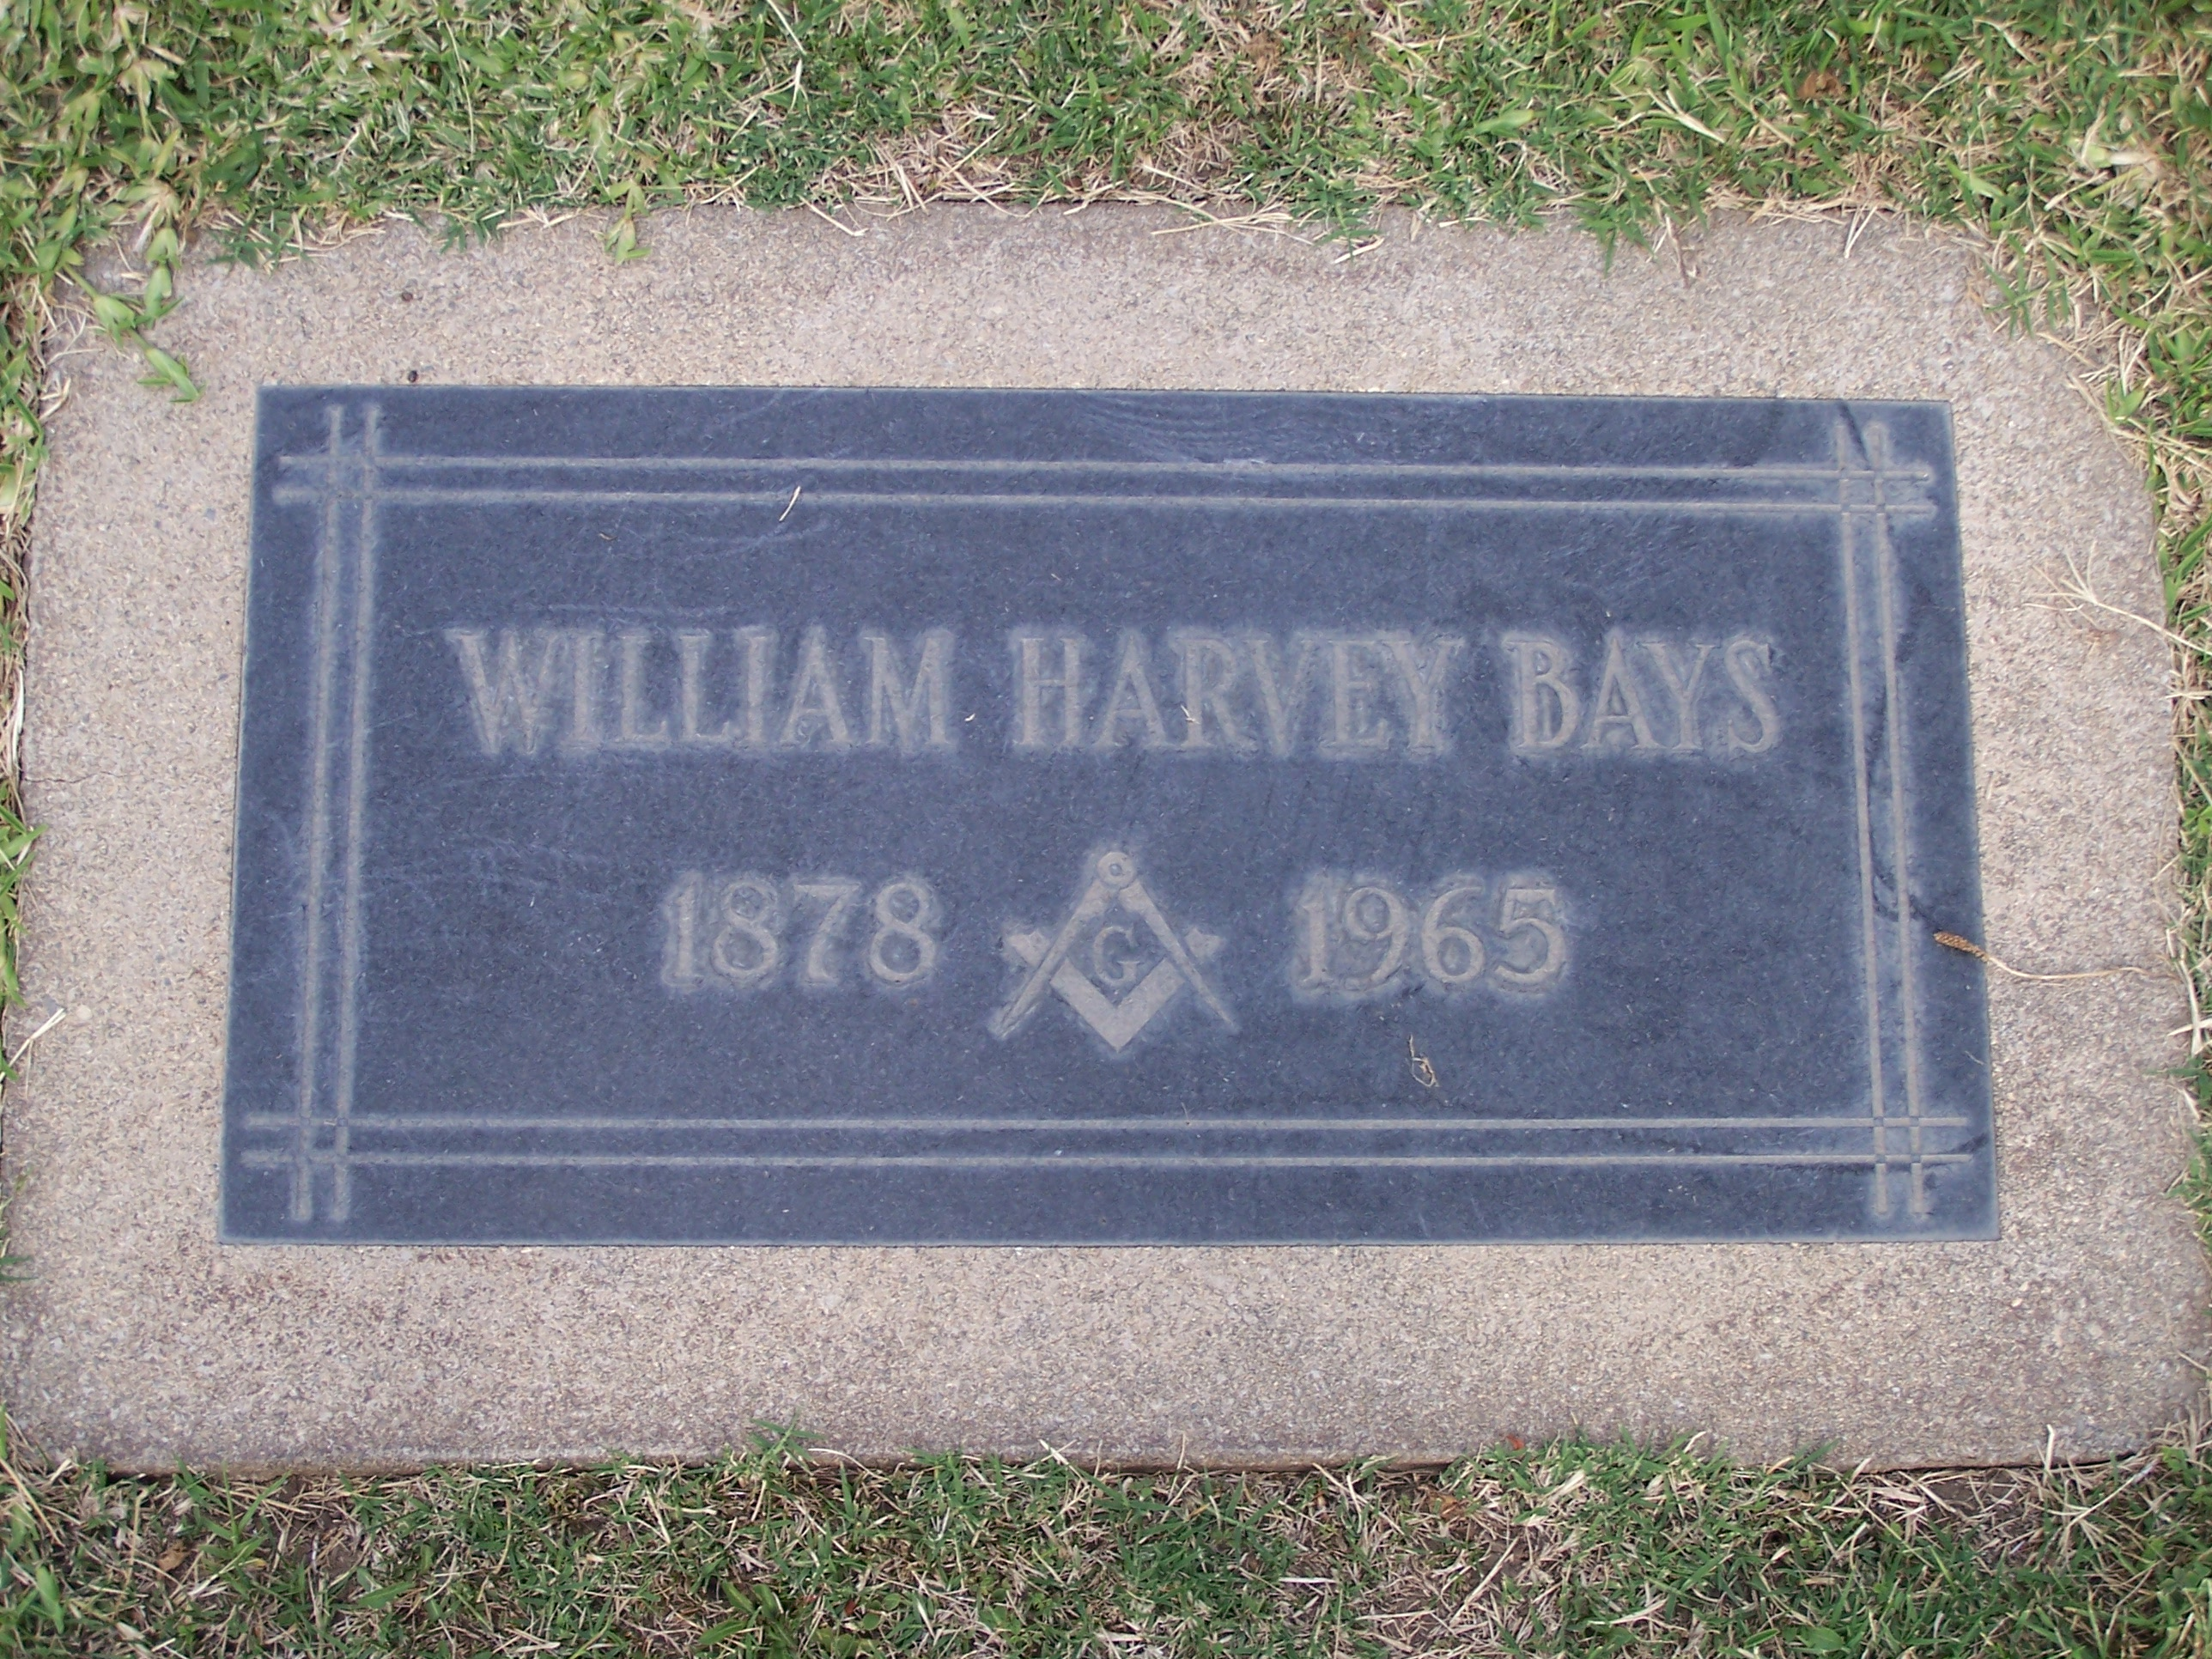 William Harvey Bays